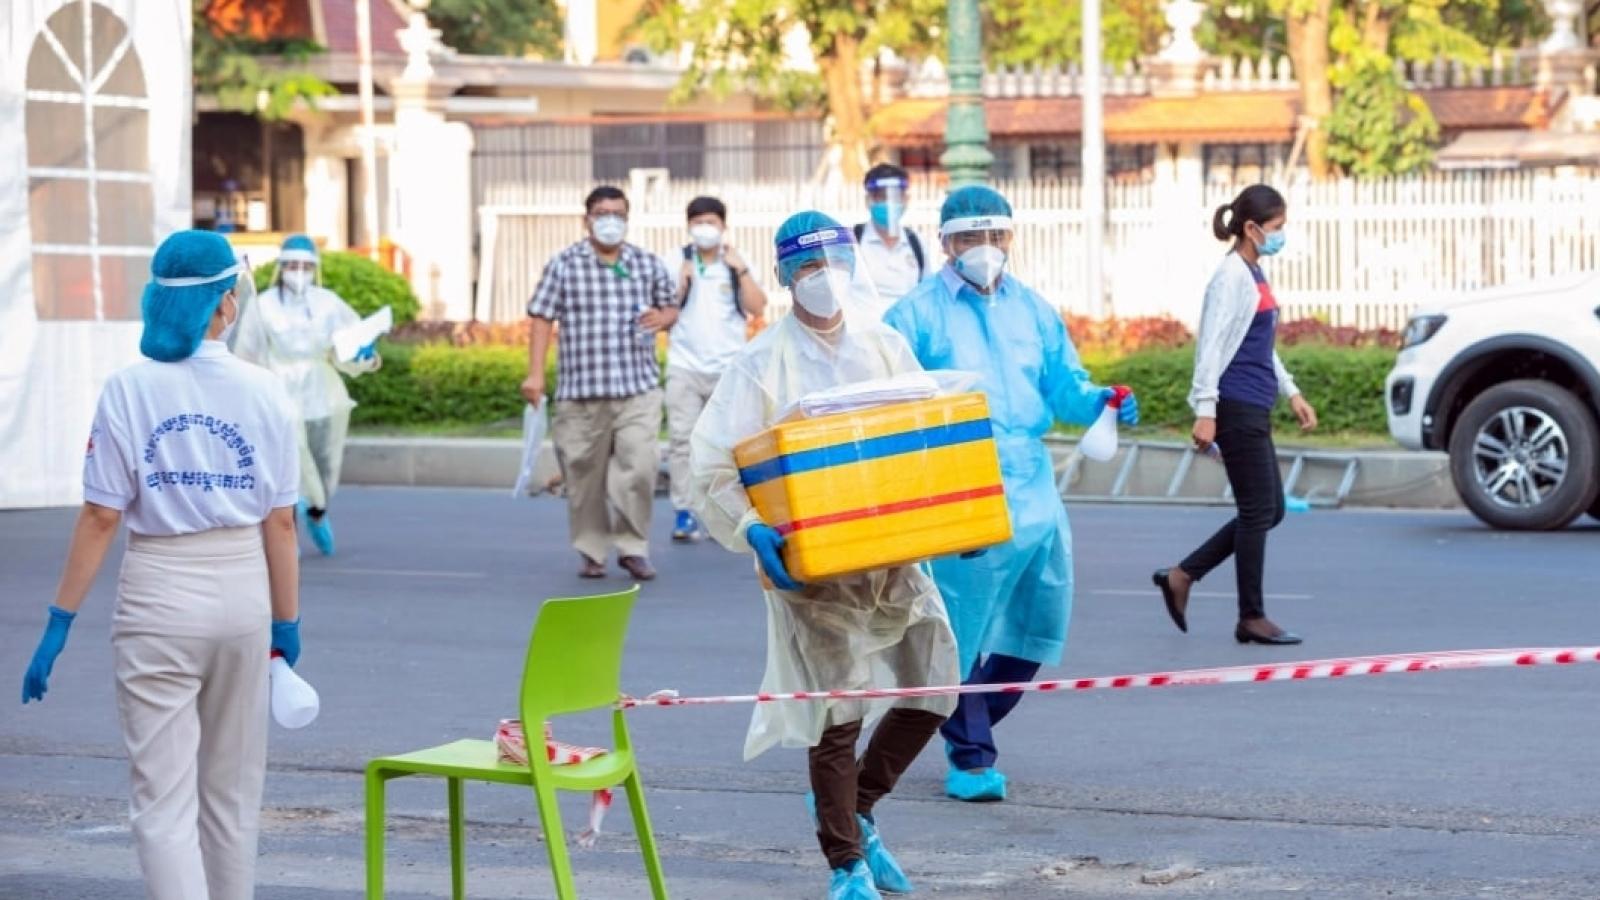 Campuchia: Số ca lây nhiễm Covid-19 trong cộng đồng gia tăng, thêm 1 ca tử vong